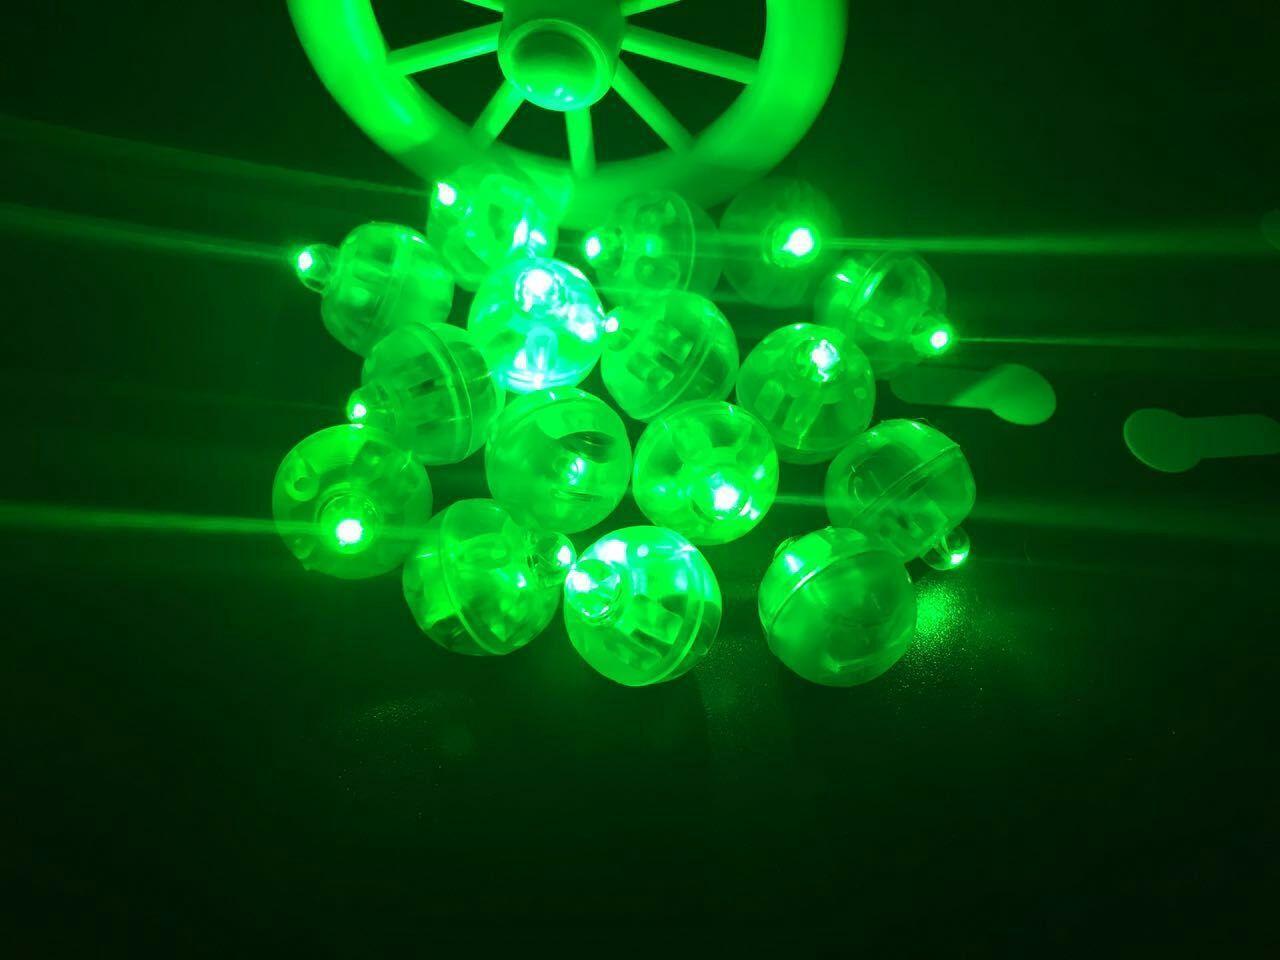 Bunte runde geführte RGB-Blitz-Ball-Lampen-Ballon beleuchtet versenkbare Laternen-Lichter für Laternen-Weihnachtshochzeitsfest-Dekoration